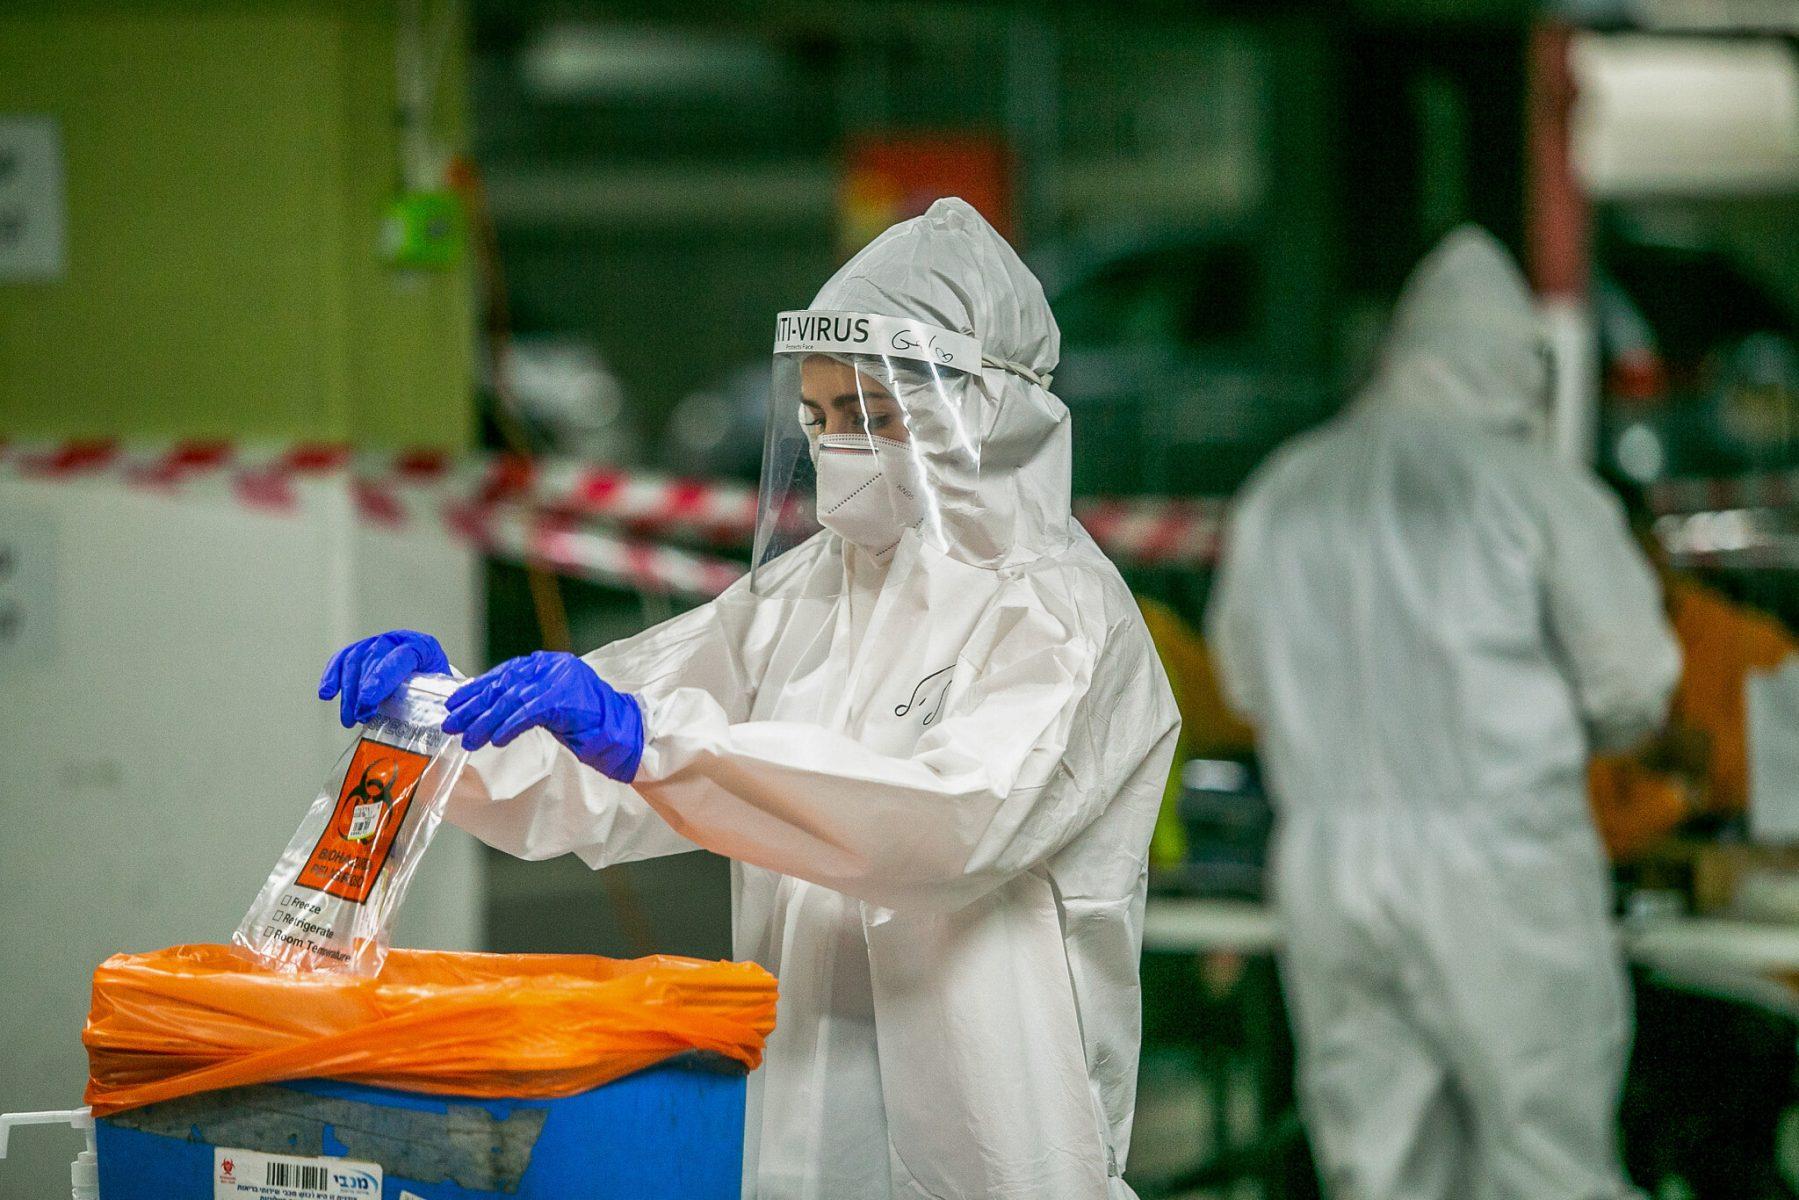 Νέα μετάλλαξη του ιού του κορωνοϊού: Τι ξέρουμε – 1ο κρούσμα και σε Γερμανία